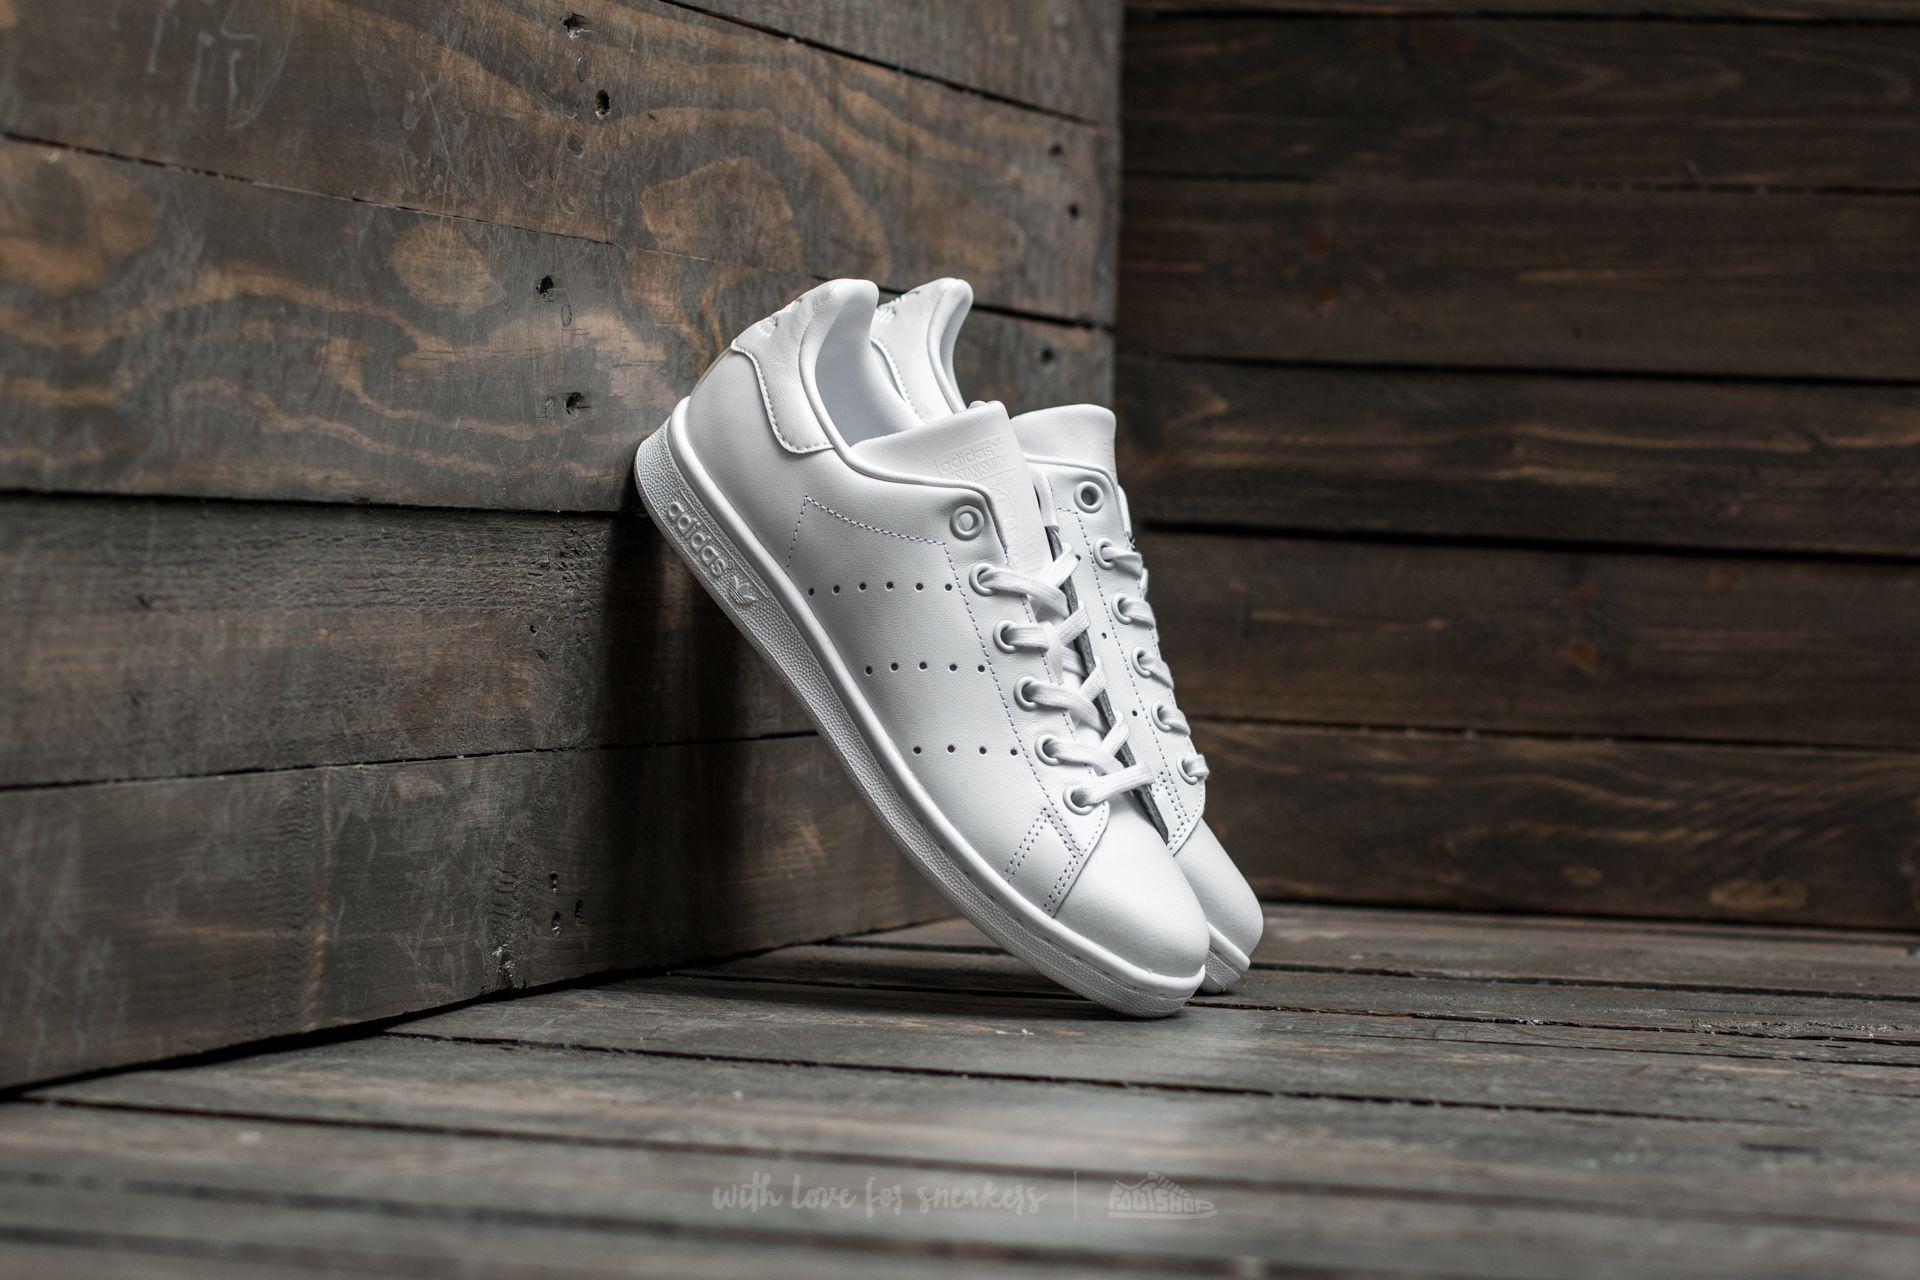 adidas Stan Smith J Ftw White/ Ftw White/ Ftw White - 16729